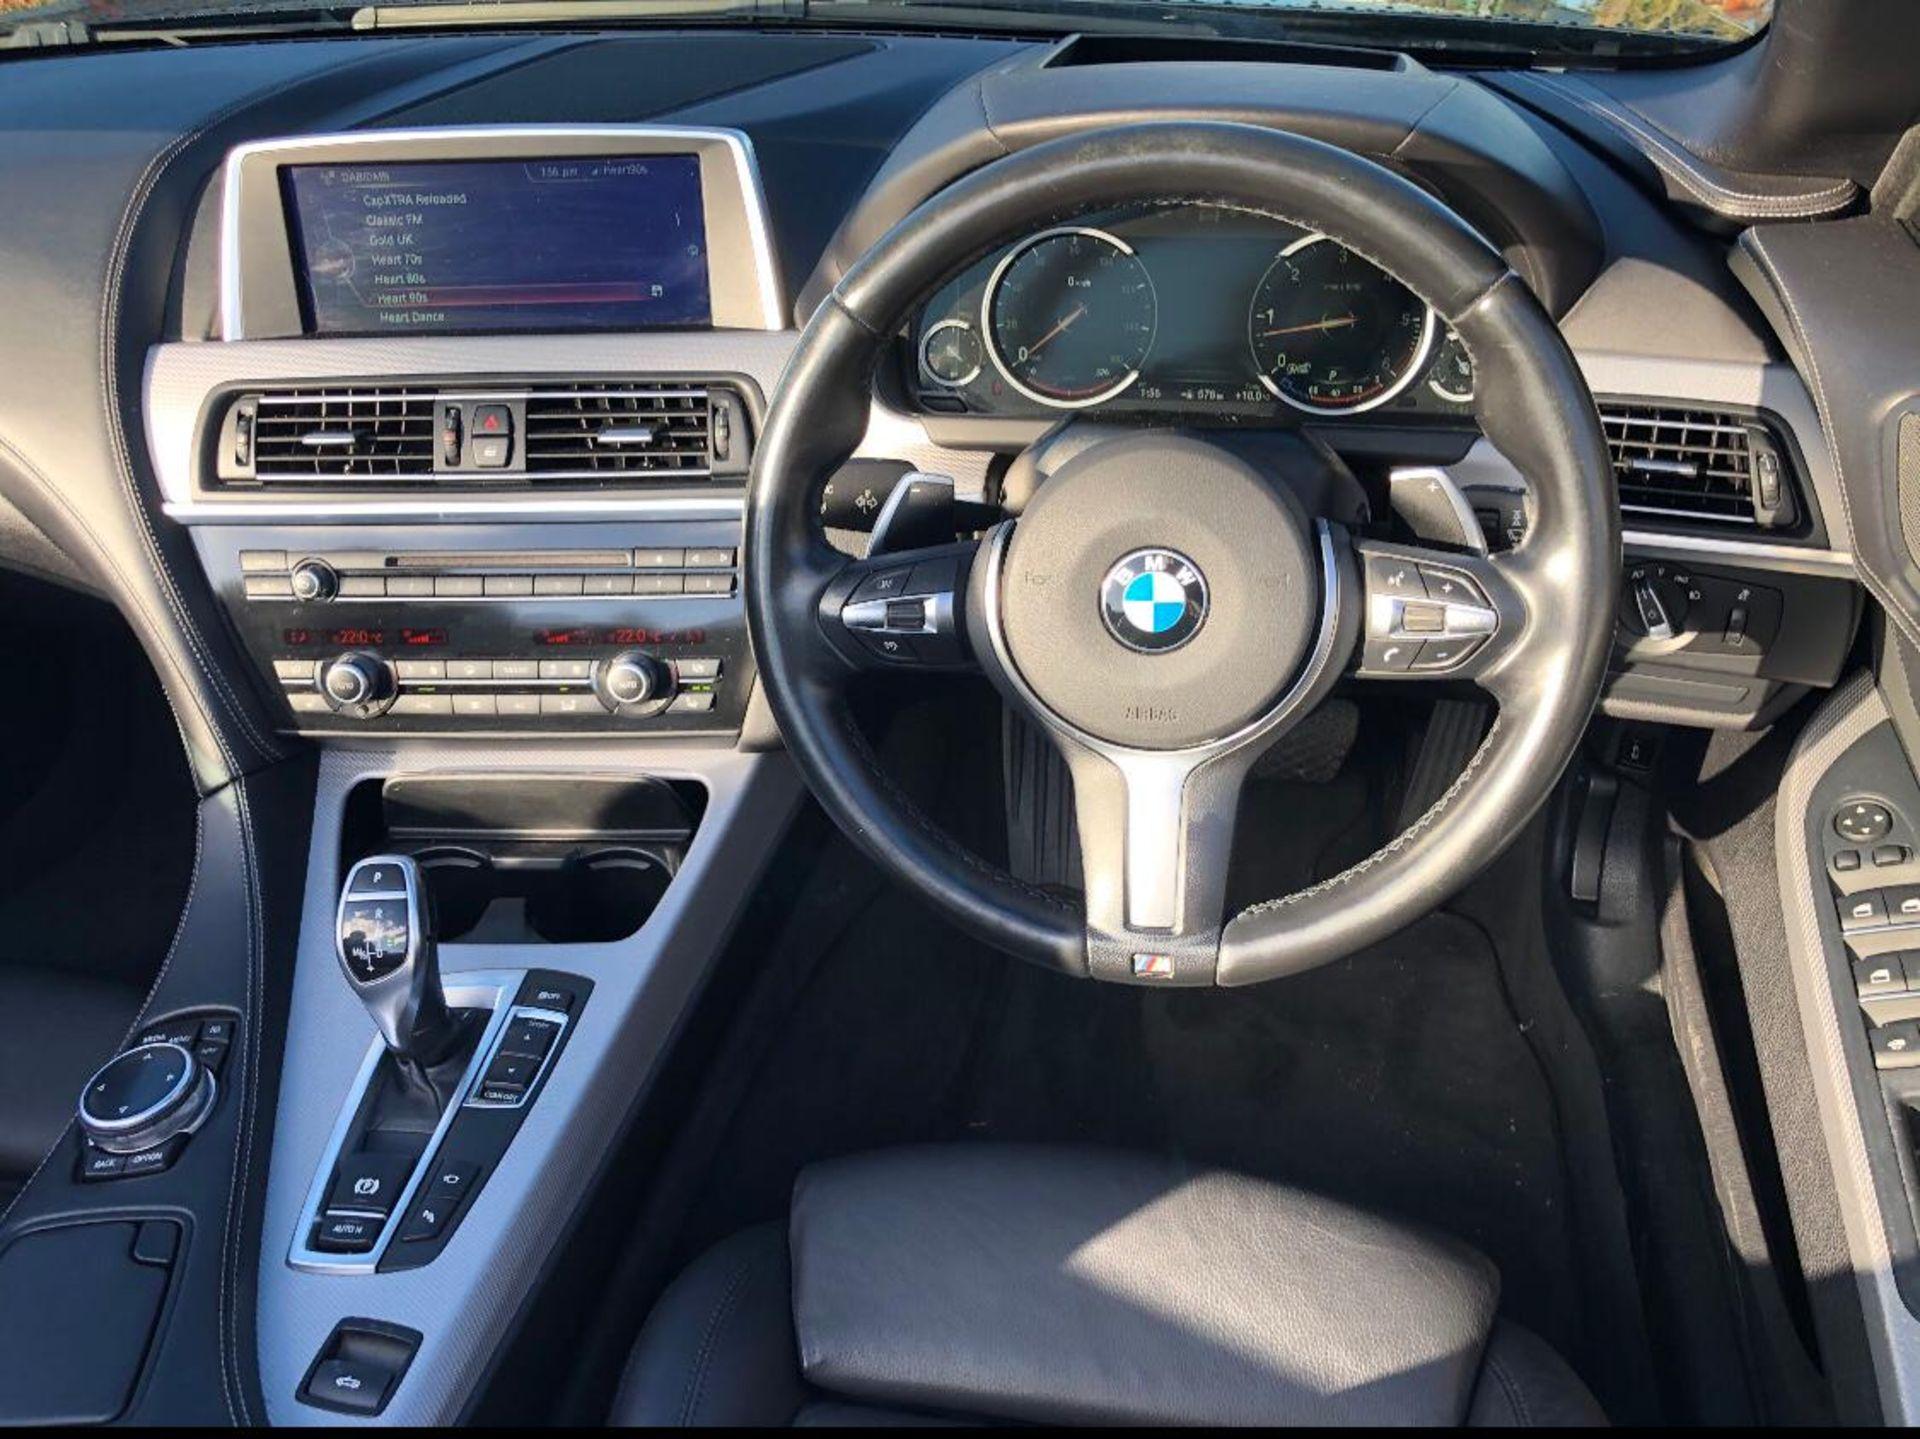 2014/14 REG BMW 640D M SPORT AUTOMATIC 3.0 DIESEL BLACK CONVERTIBLE *NO VAT* - Image 12 of 17